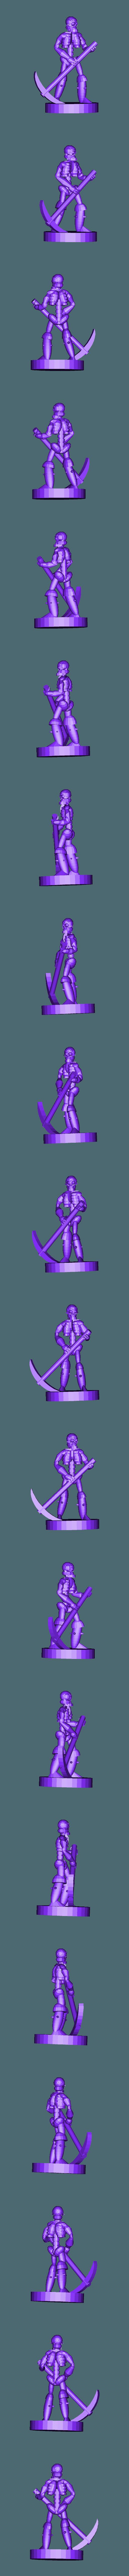 dnd_skeleton_28mm.stl Télécharger fichier STL gratuit DnD Squelette • Modèle imprimable en 3D, mrhers2